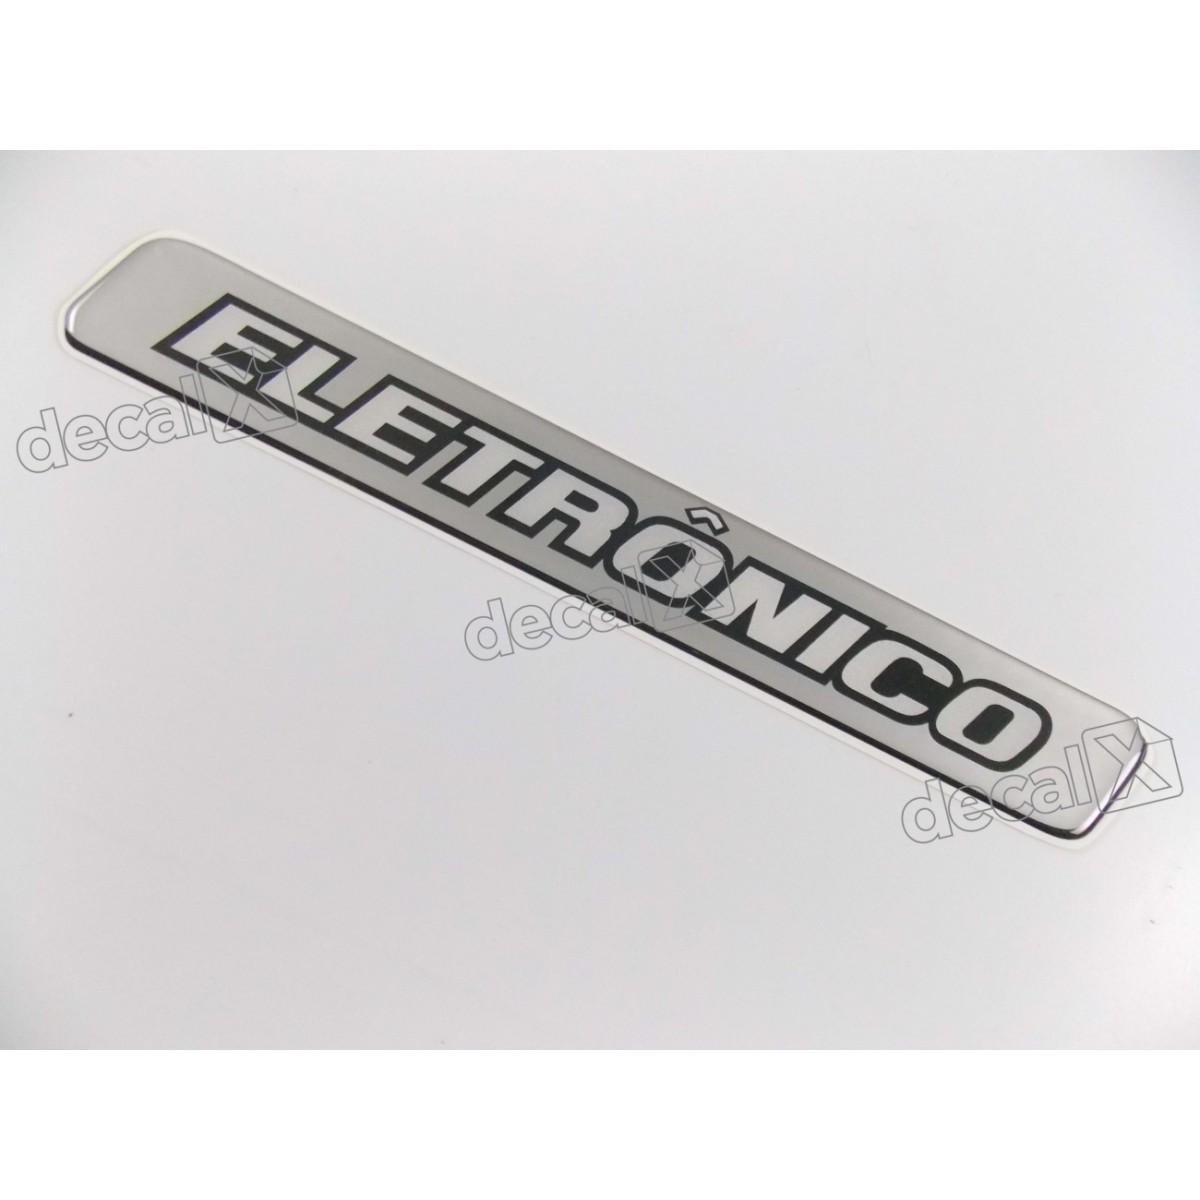 Adesivo Emblema Resinado Mercedes Eletronico Cm94 Decalx